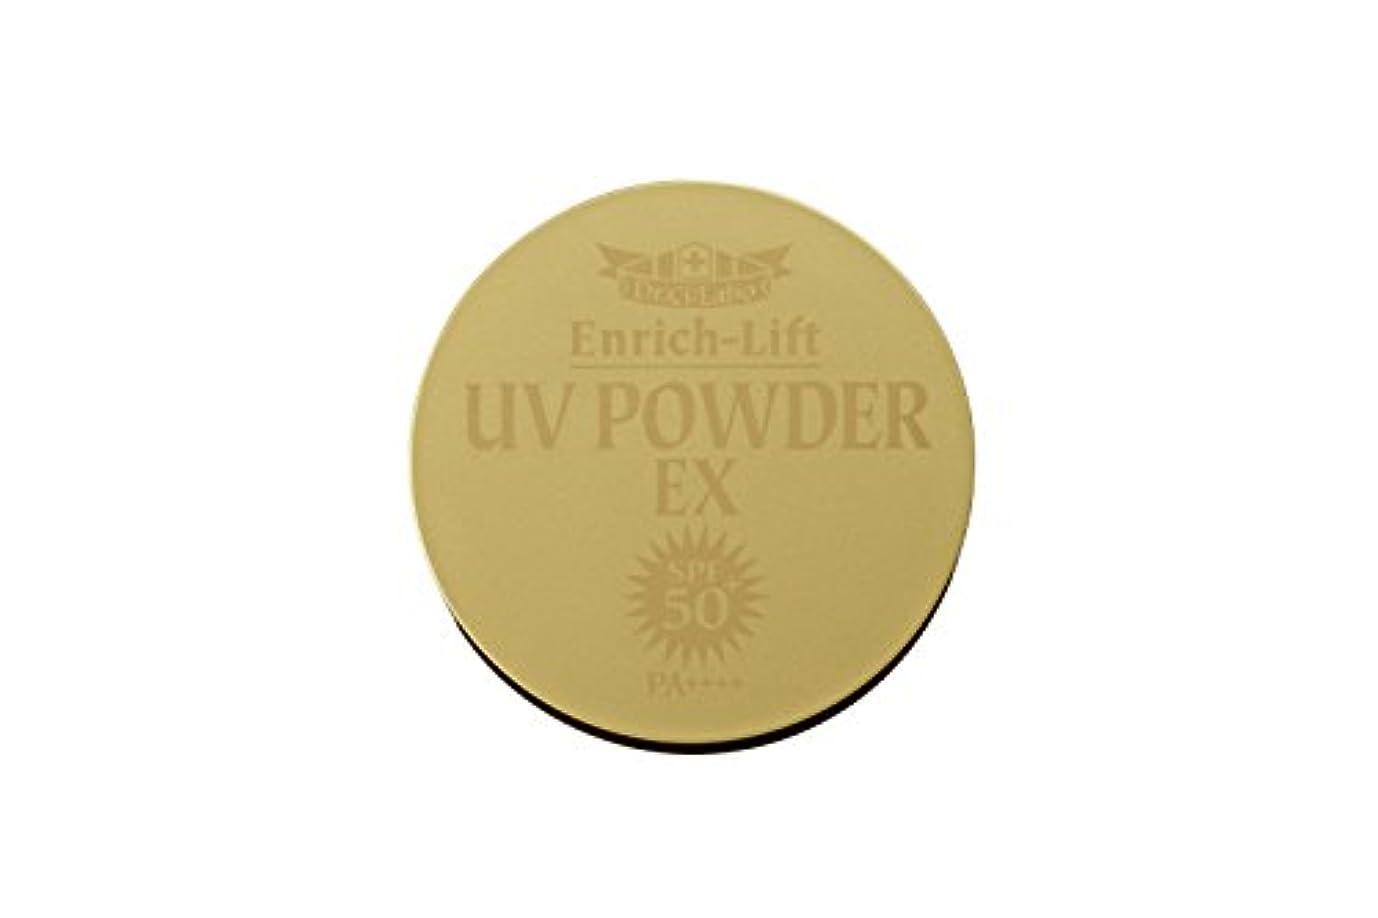 デマンド弱める少しドクターシーラボ エンリッチリフト UVパウダー EX50+ 日焼け止め ルーセントパウダー